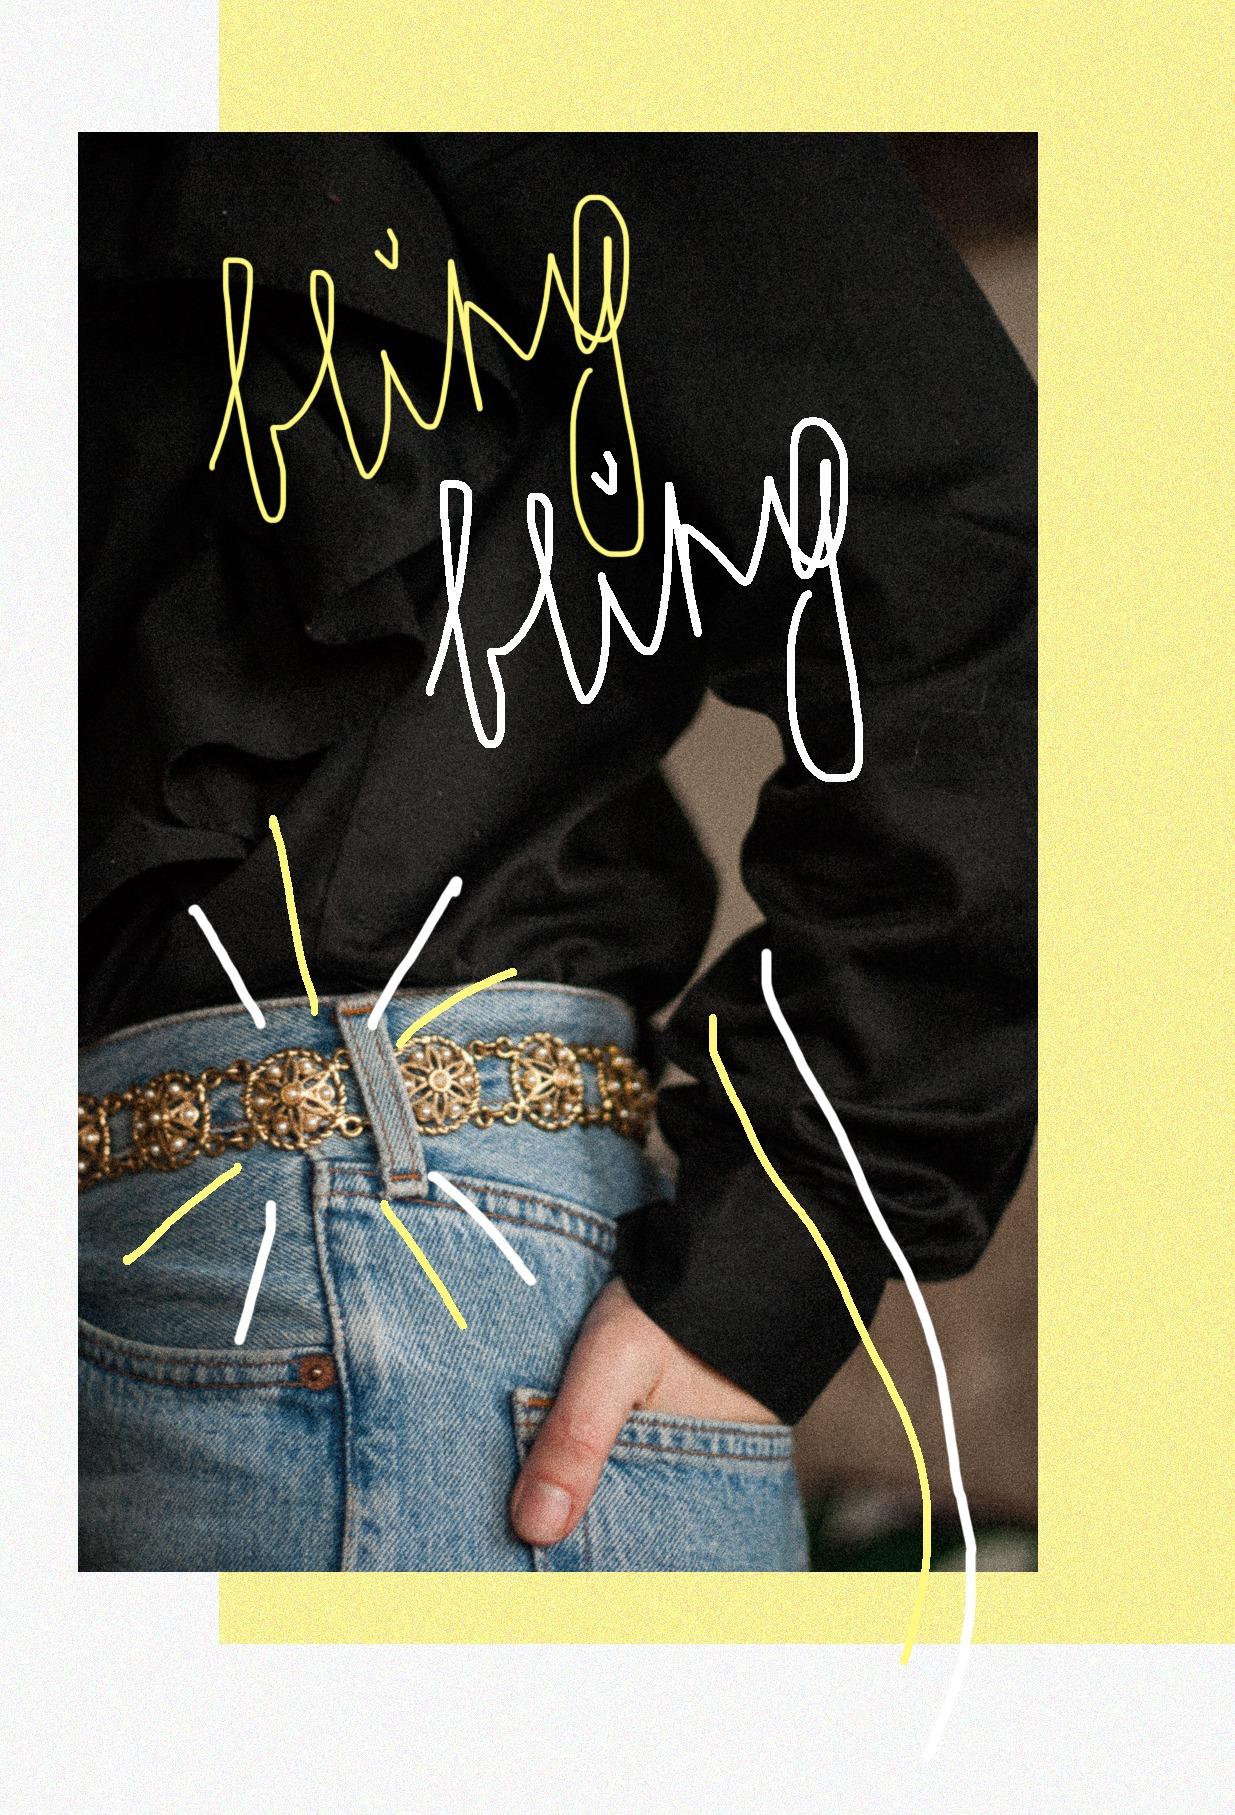 Bling bling, ootd, Levi's, 501, ruffles, Vintage